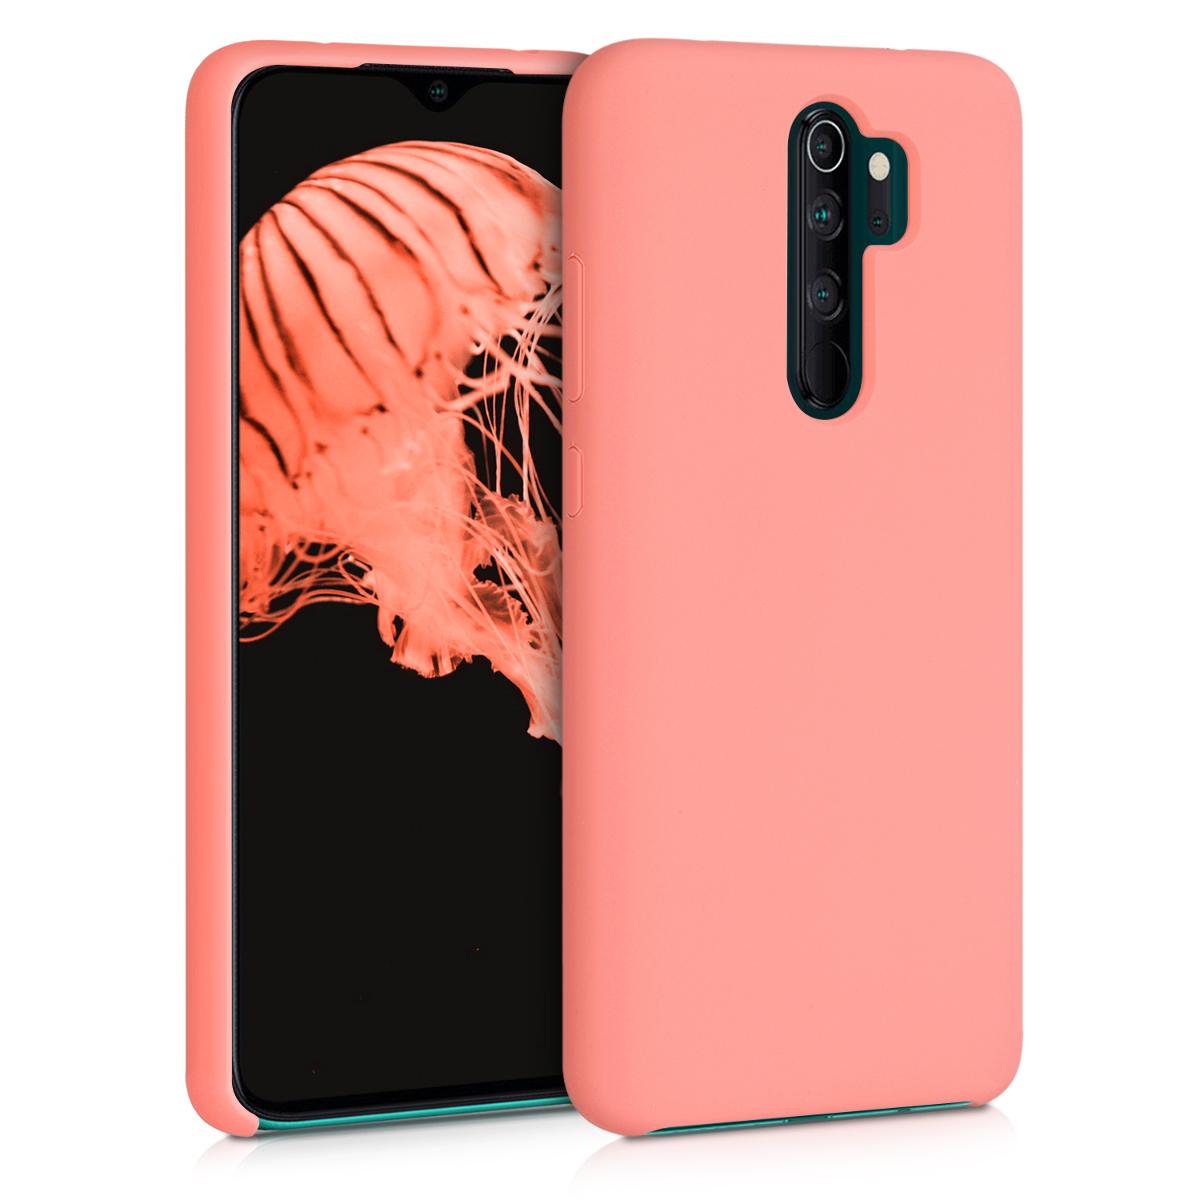 KW Θήκη Σιλικόνης Xiaomi Redmi Note 8 Pro - Soft Flexible Rubber - Coral Matte (50248.56)